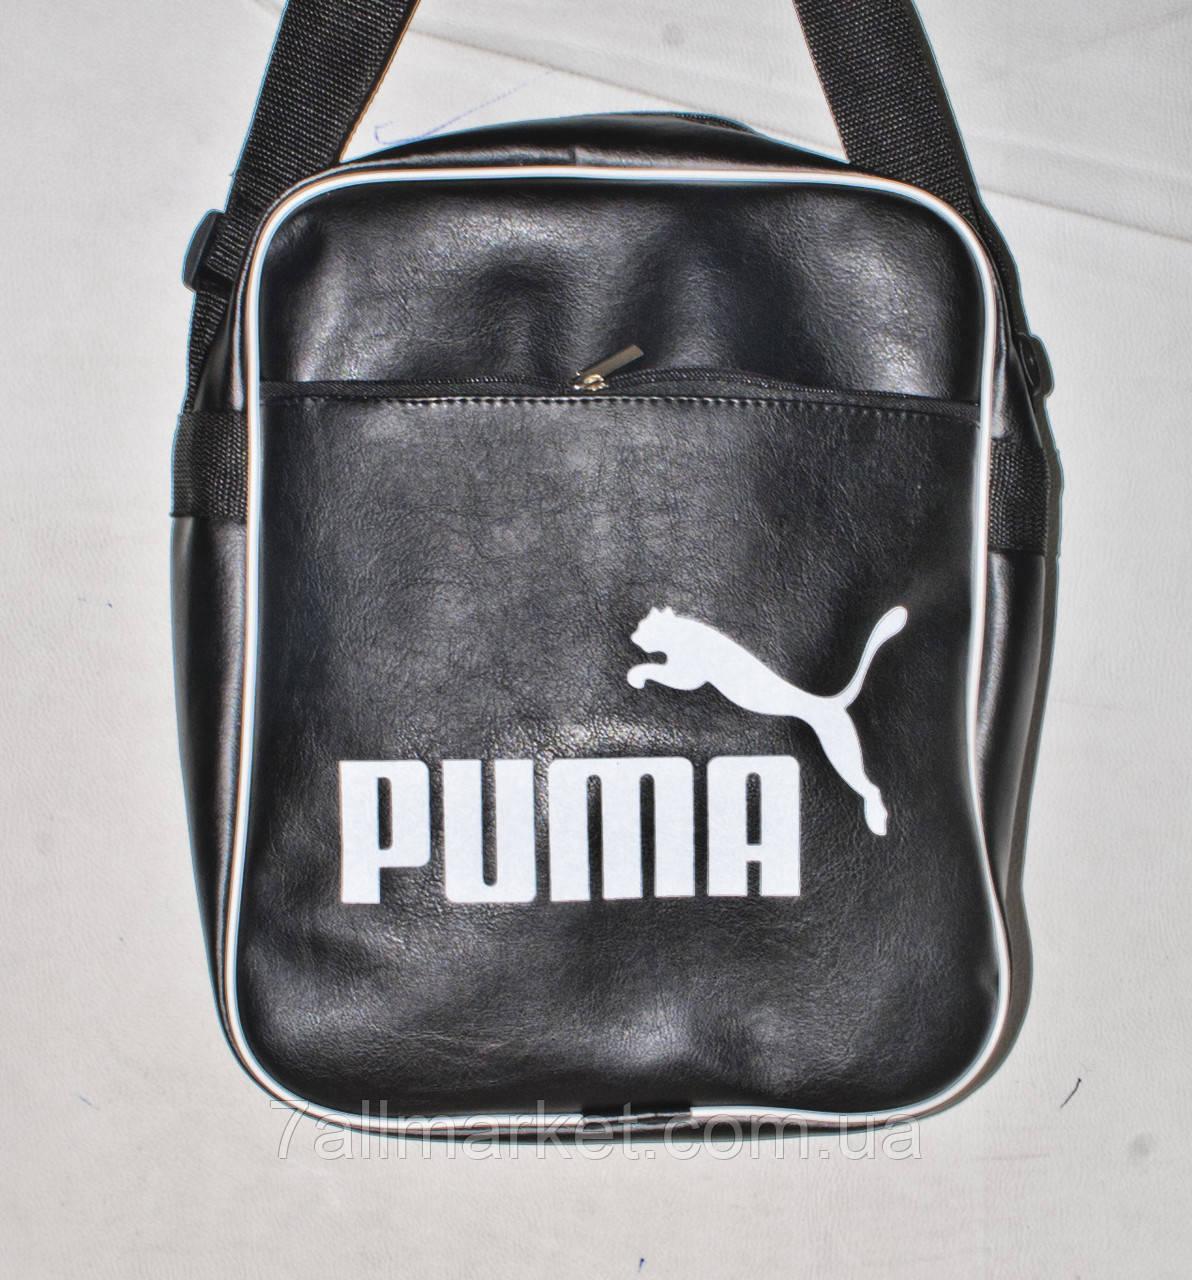 d332a3aa Сумка спортивная Puma оригинальная кожзам размер 26*33 Серии